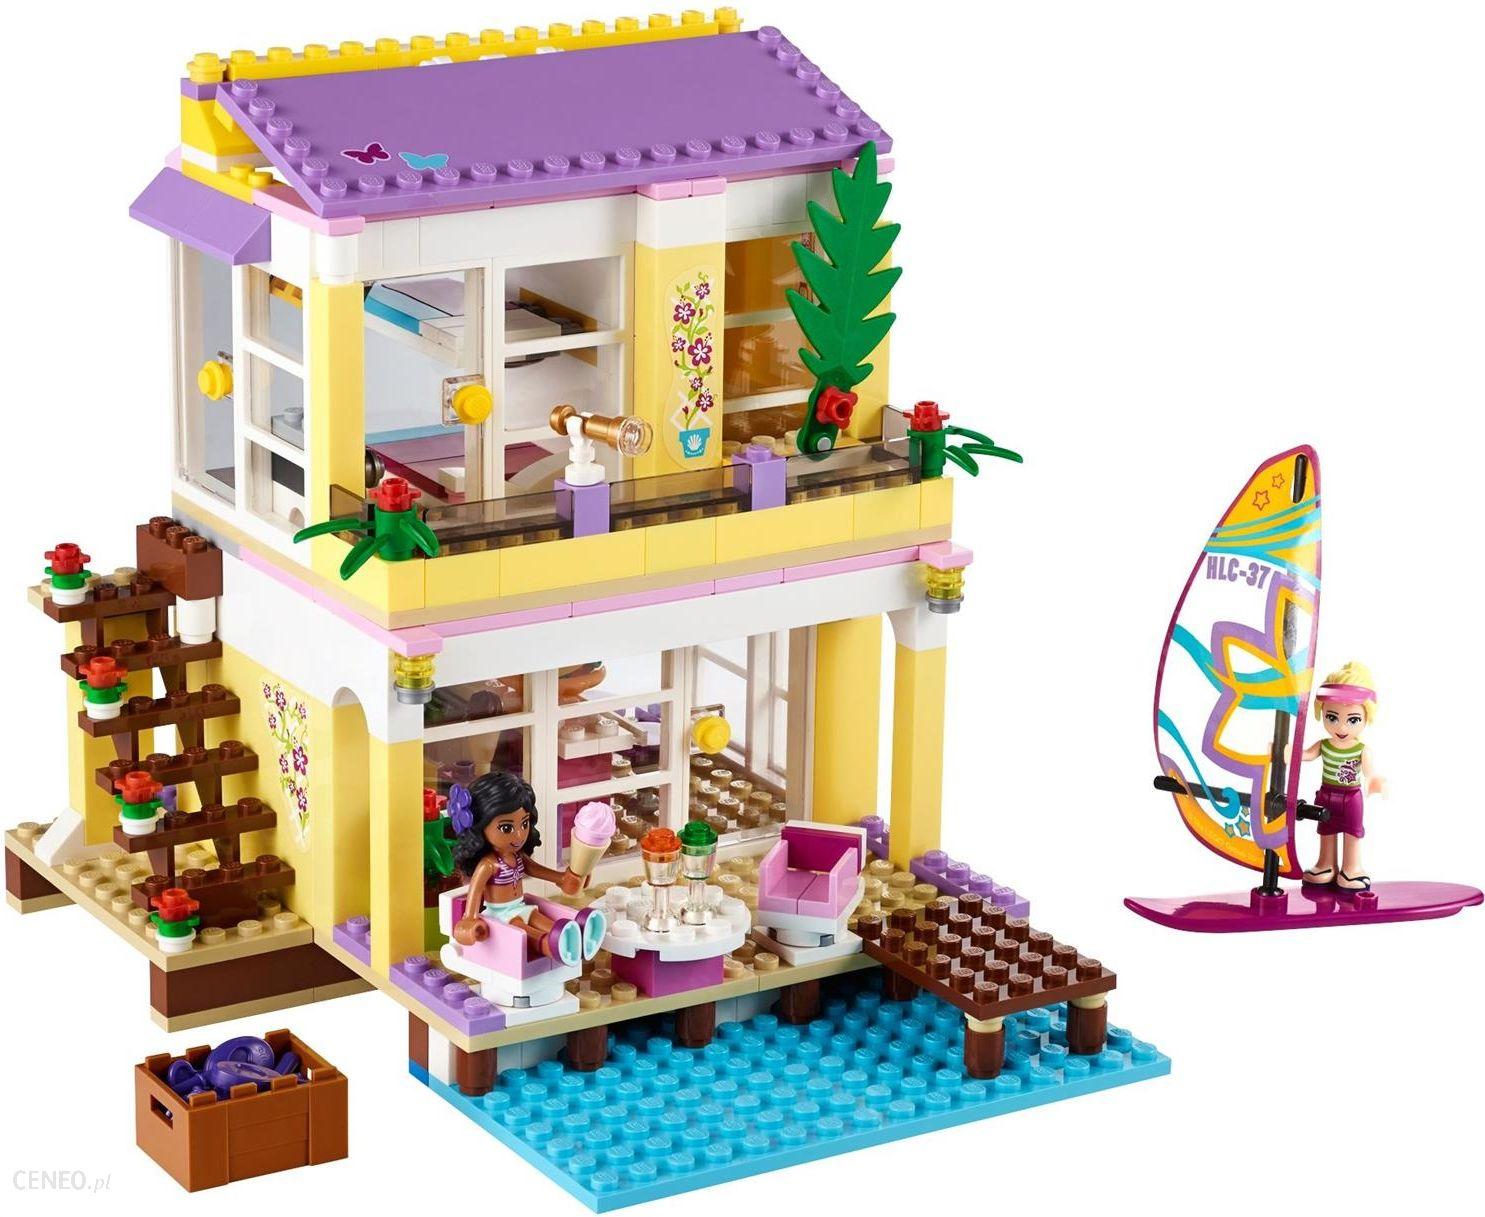 Klocki Lego Friends Letni Domek Stephanie 41037 Ceny I Opinie